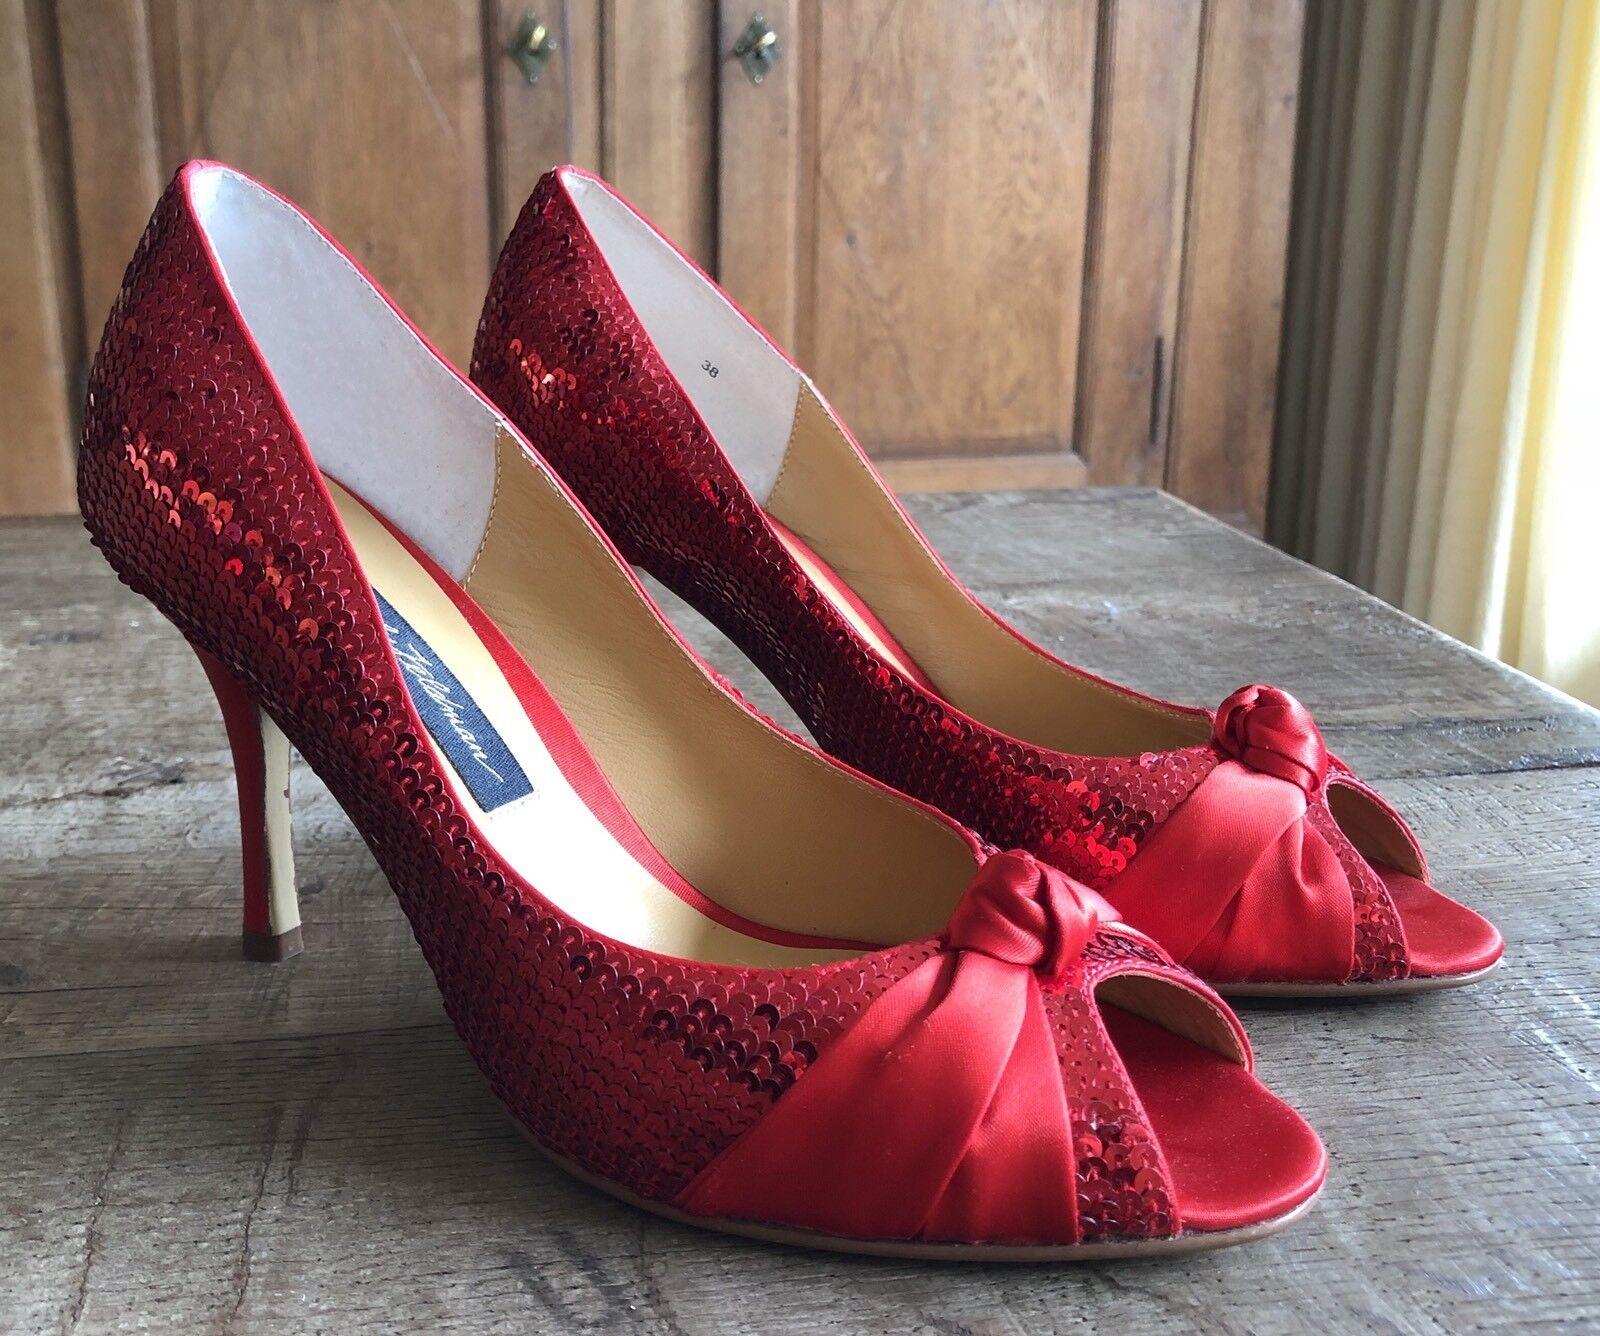 Beverly Feldman PUMPS PUMPS PUMPS Schuhe Pailletten Gr. 38 NEU mit Karton bc43a9